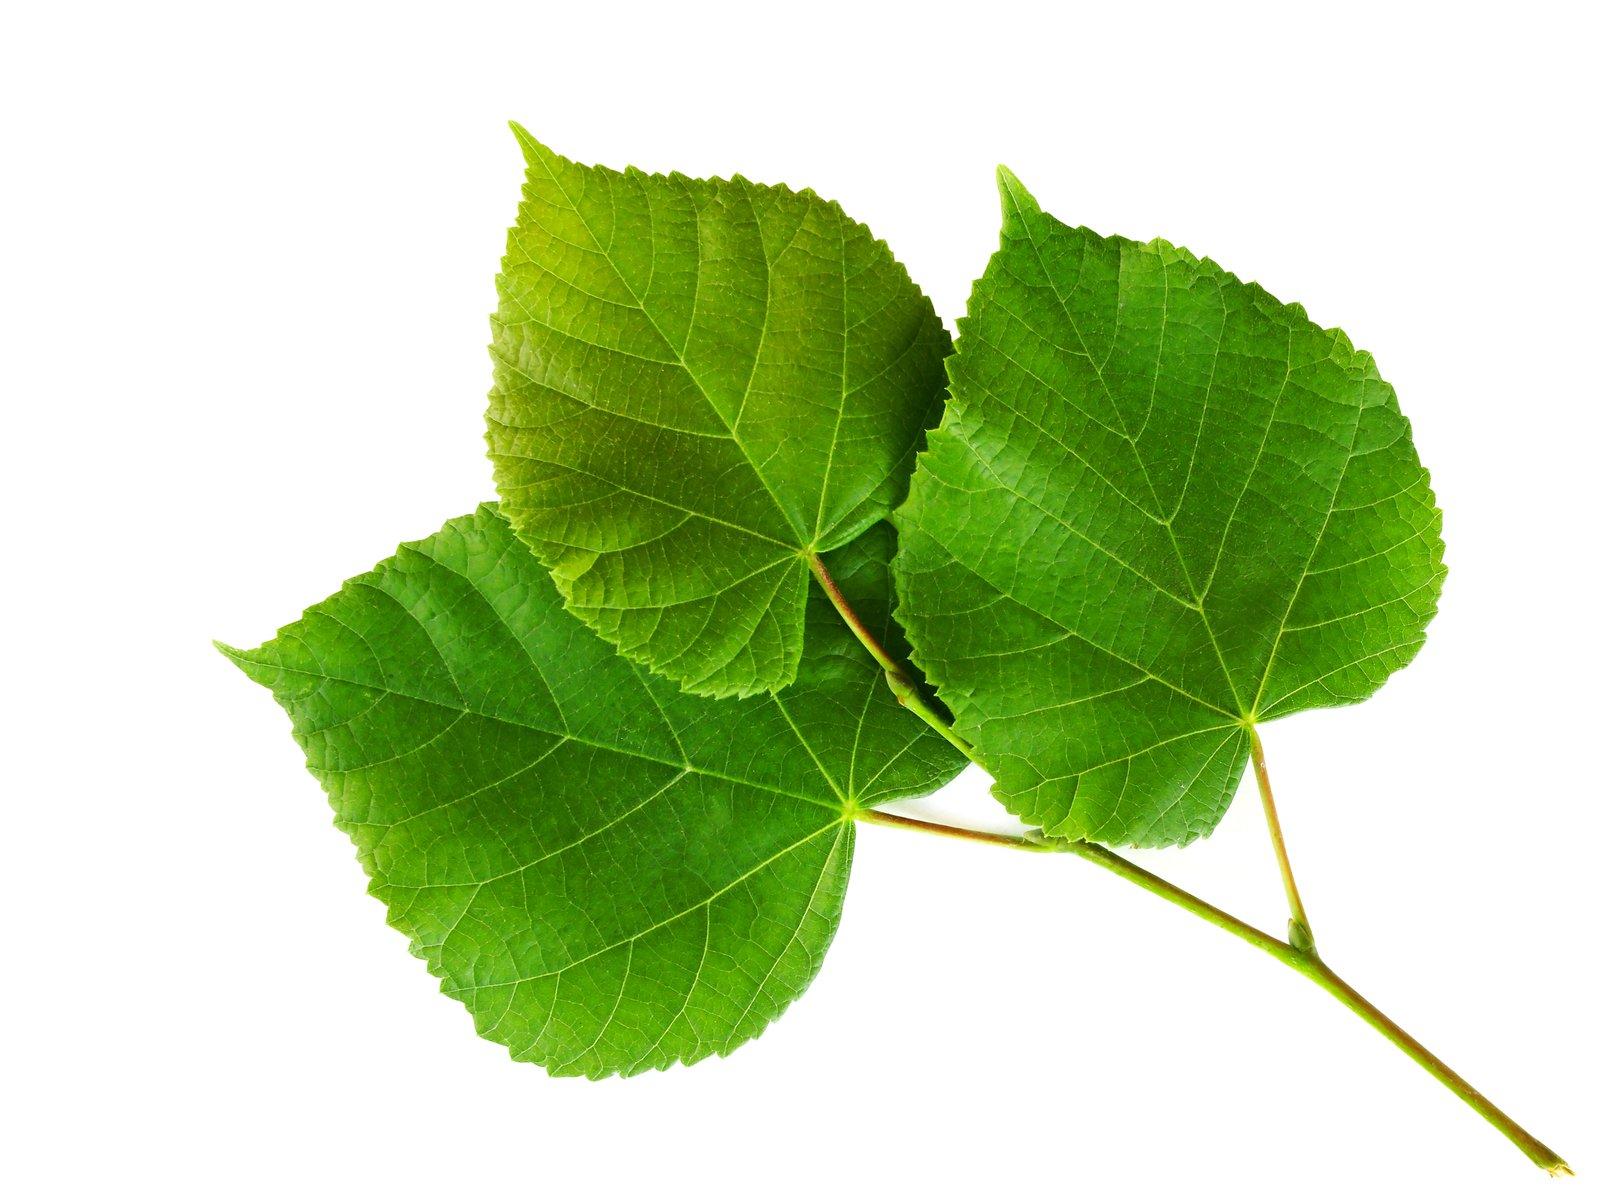 листья липа в картинках помог нам узнать